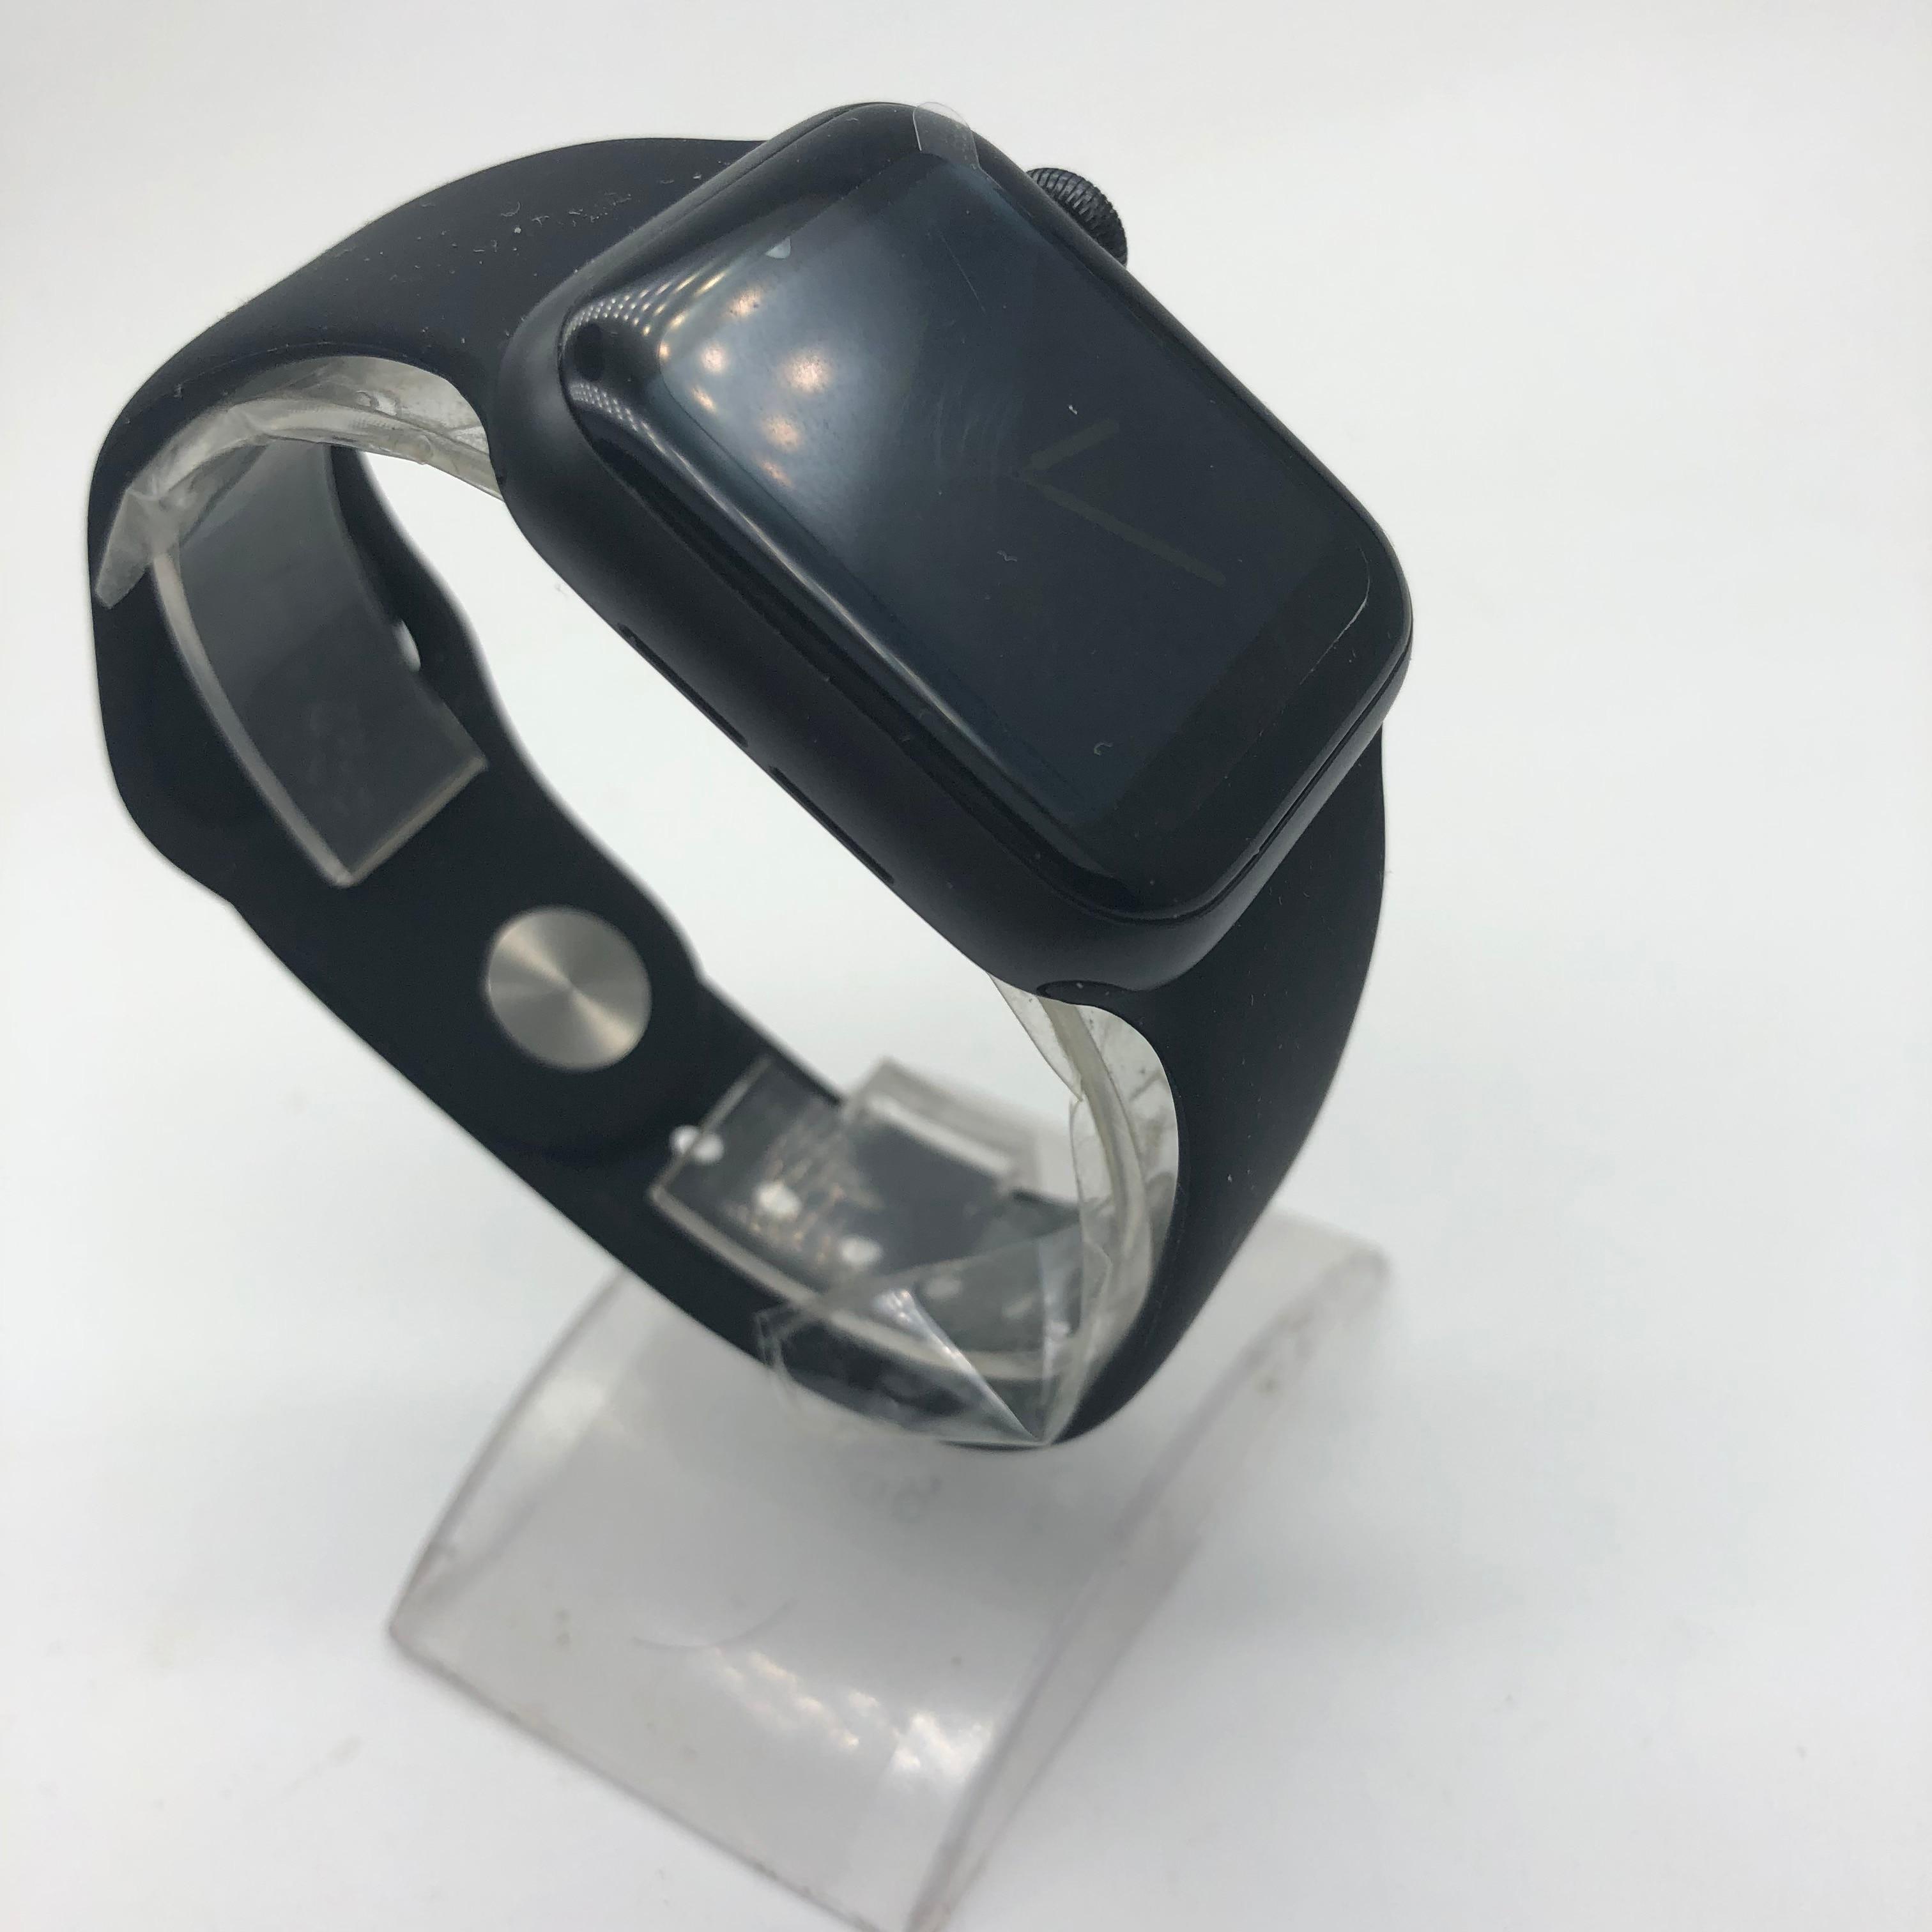 IWO 12 умные часы 44 мм часы серии 5 с 30 циферблатами для apple iphone huawei Поддержка SMS Facebook Whatsapp сообщение Push - 2